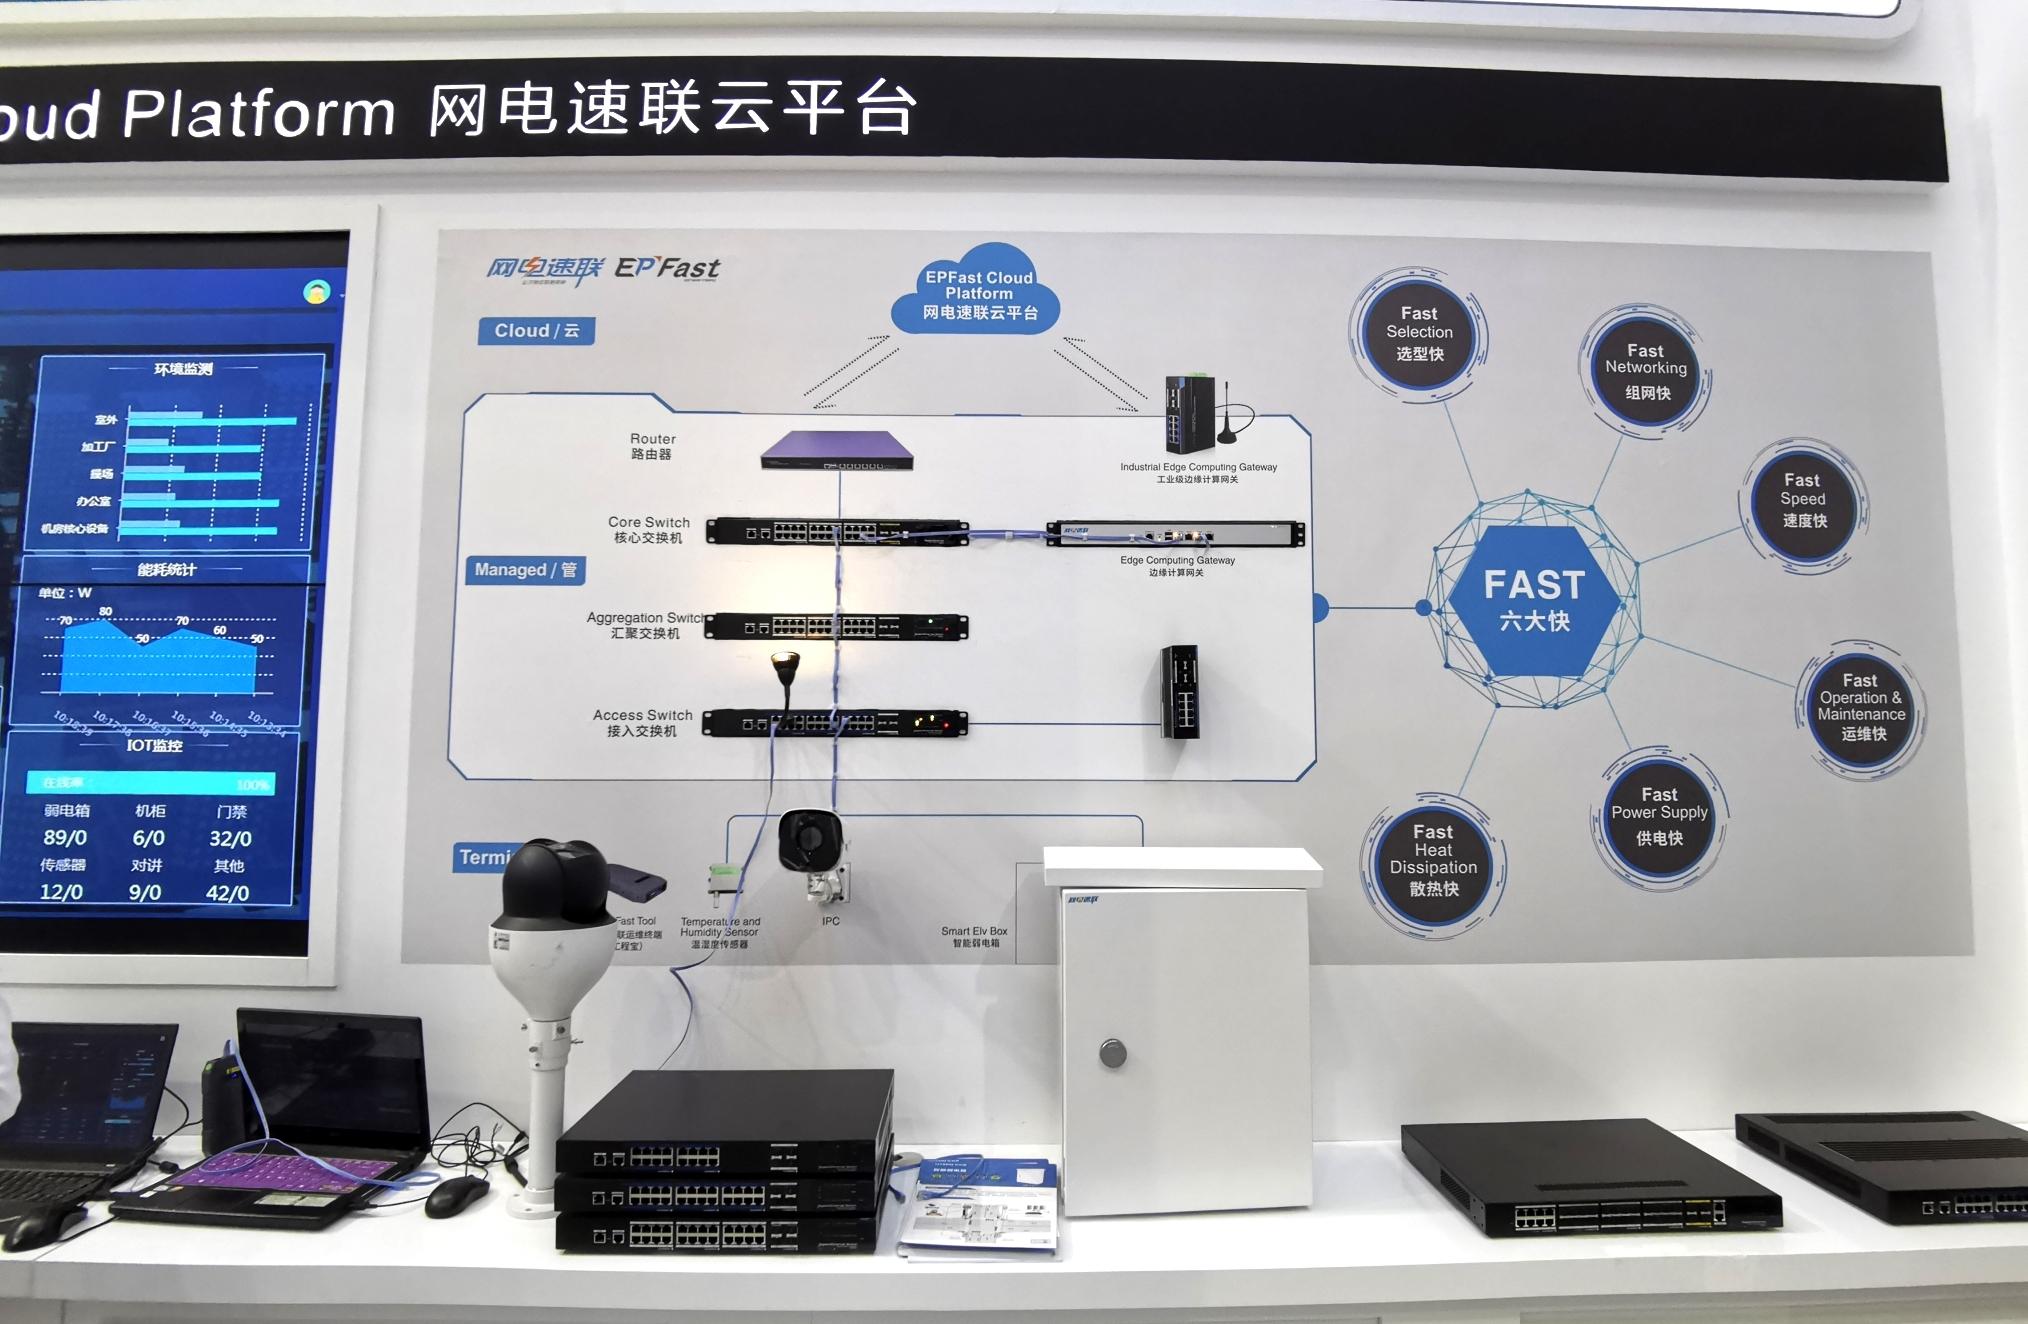 网电速联云平台